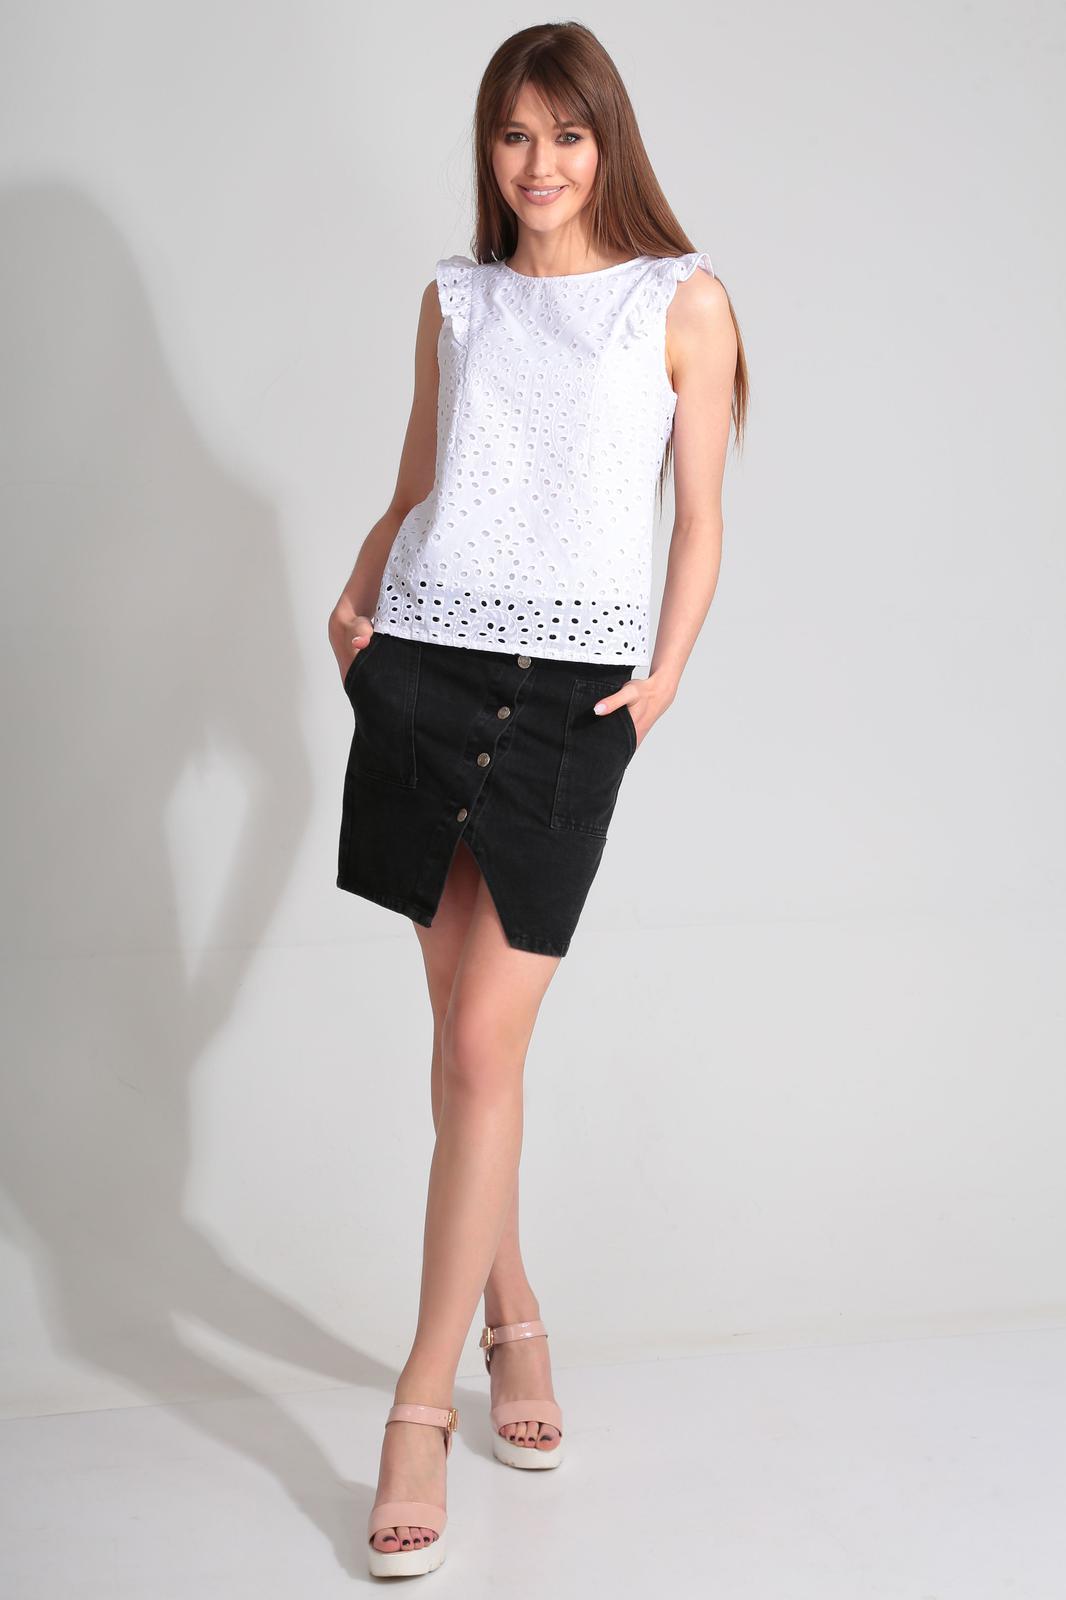 c32a5266364 Купить блузку в интернет-магазине в Минске. Недорогие женские блузки